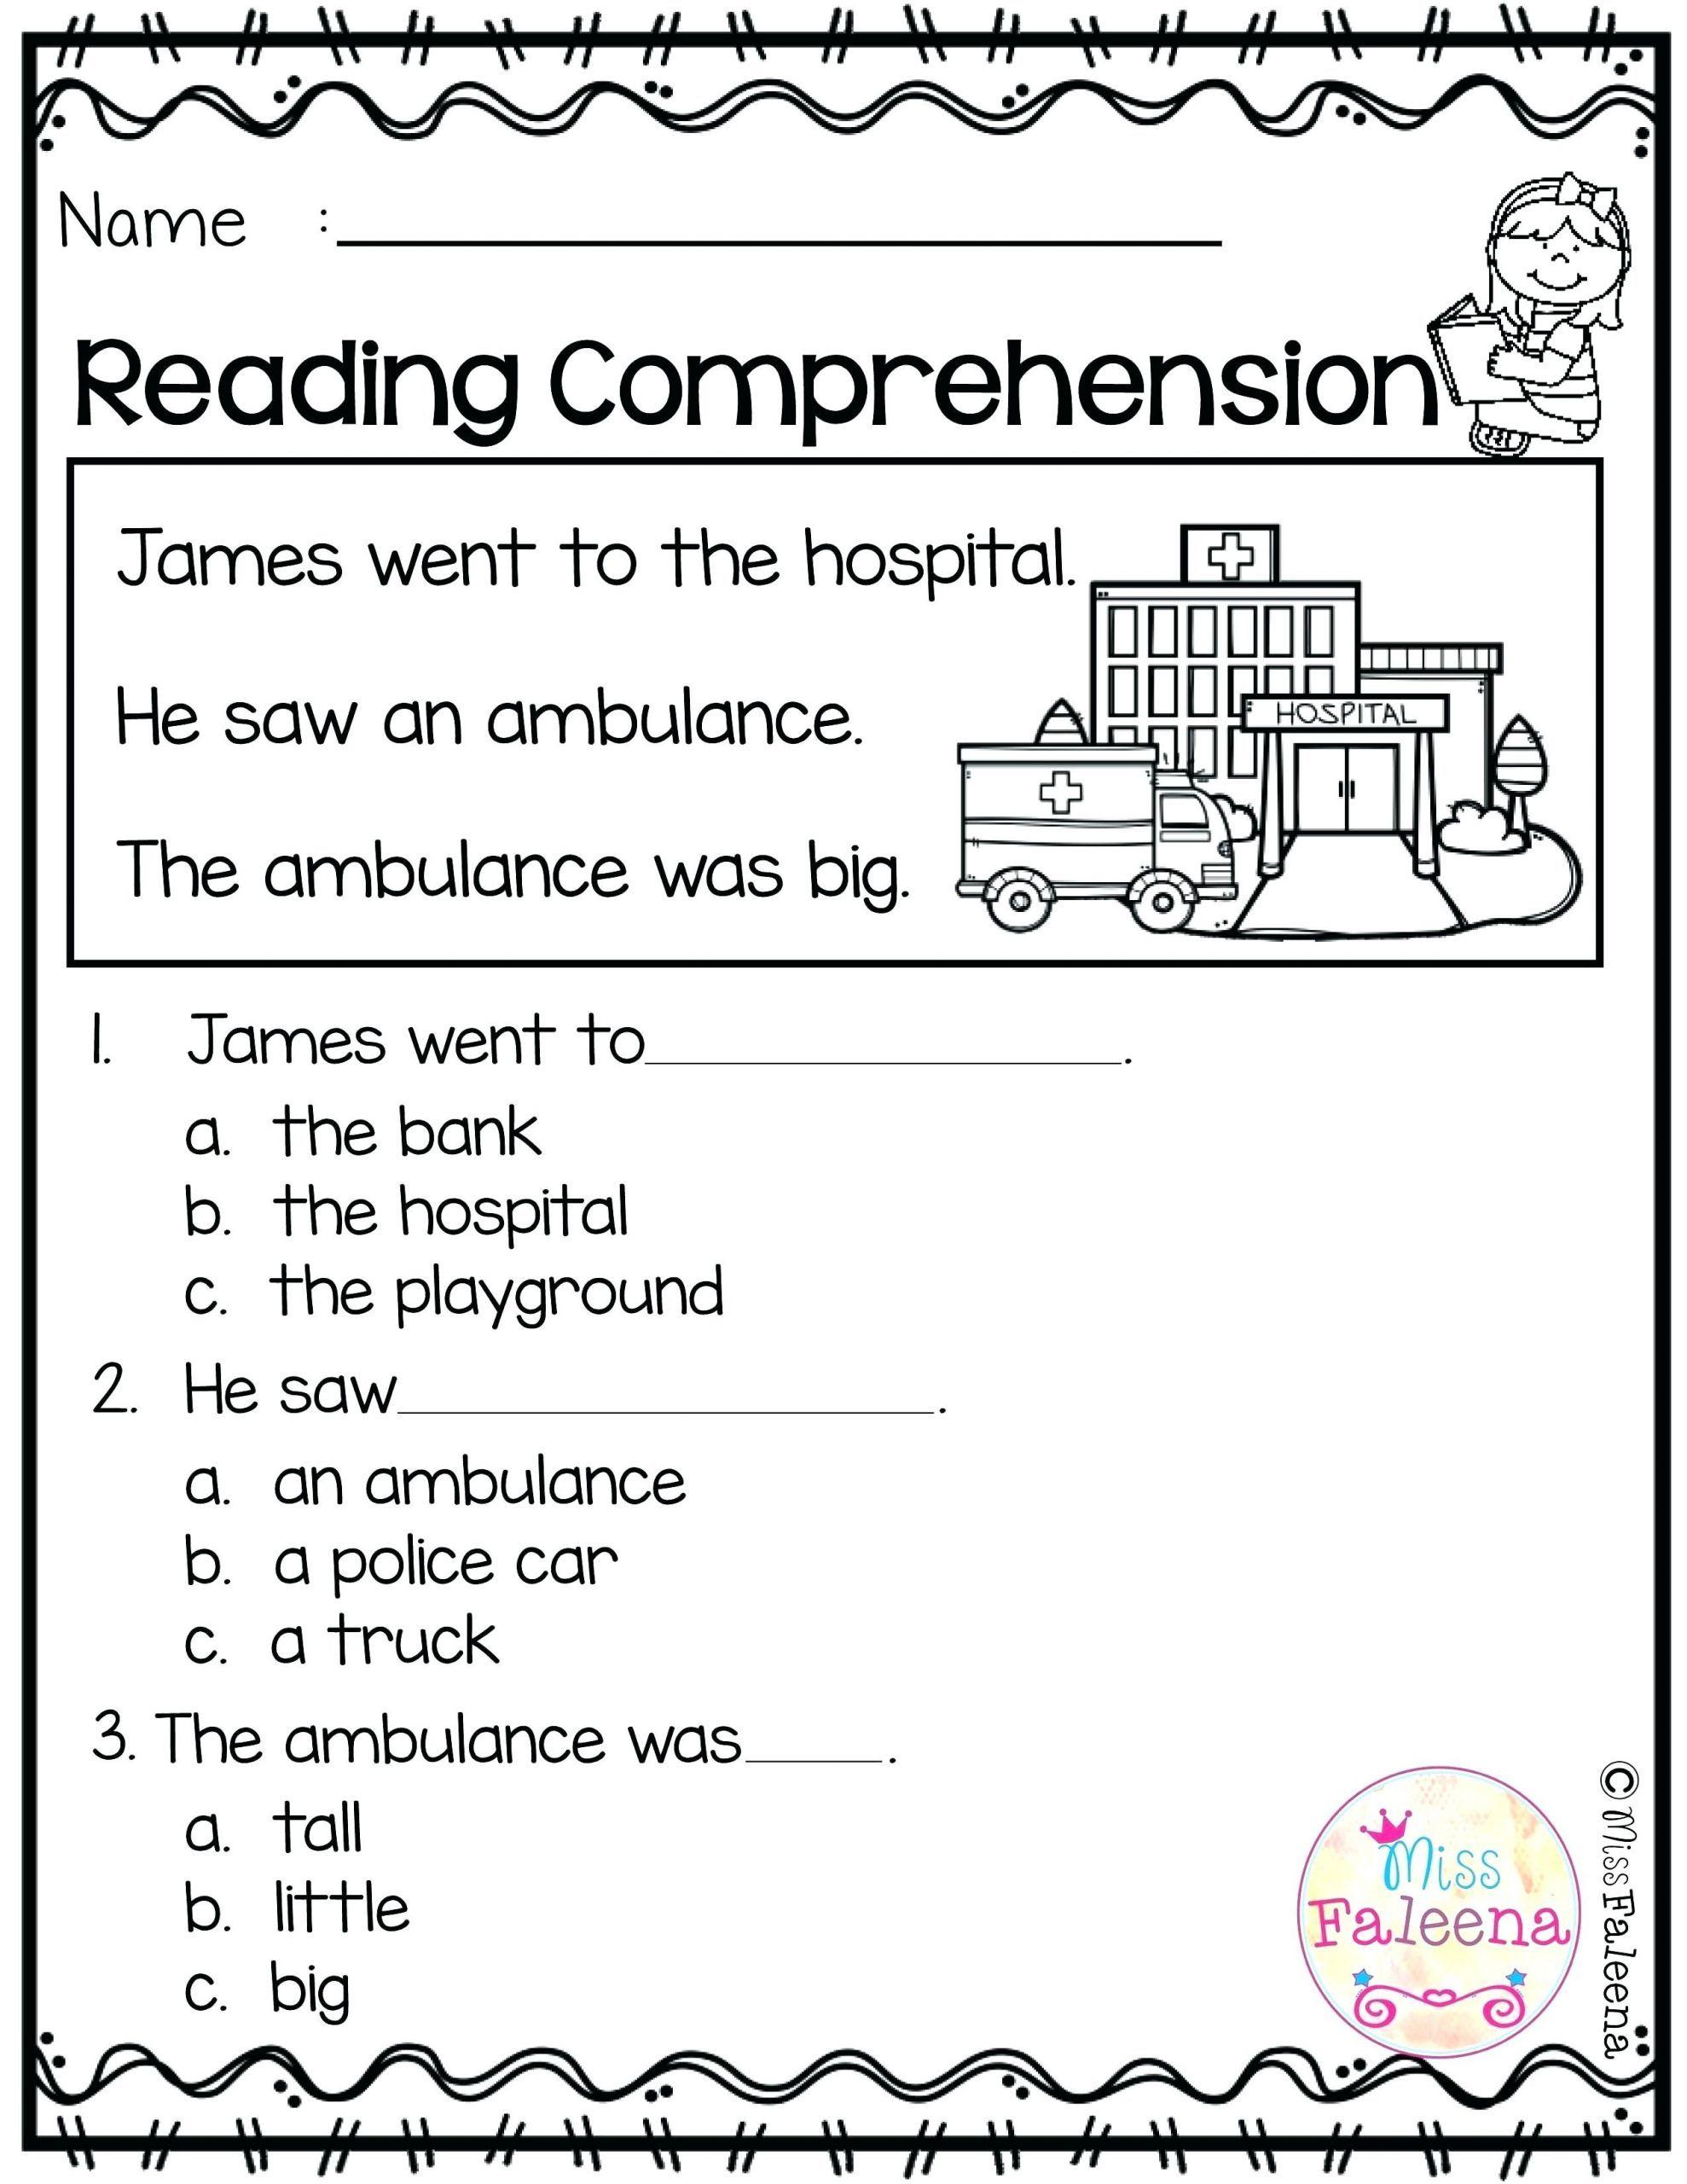 3 Kindergarten Worksheets Phonics Reading Comprehension Kinder Reading Work In 2020 Kindergarten Reading Worksheets Reading Comprehension Worksheets Reading Worksheets